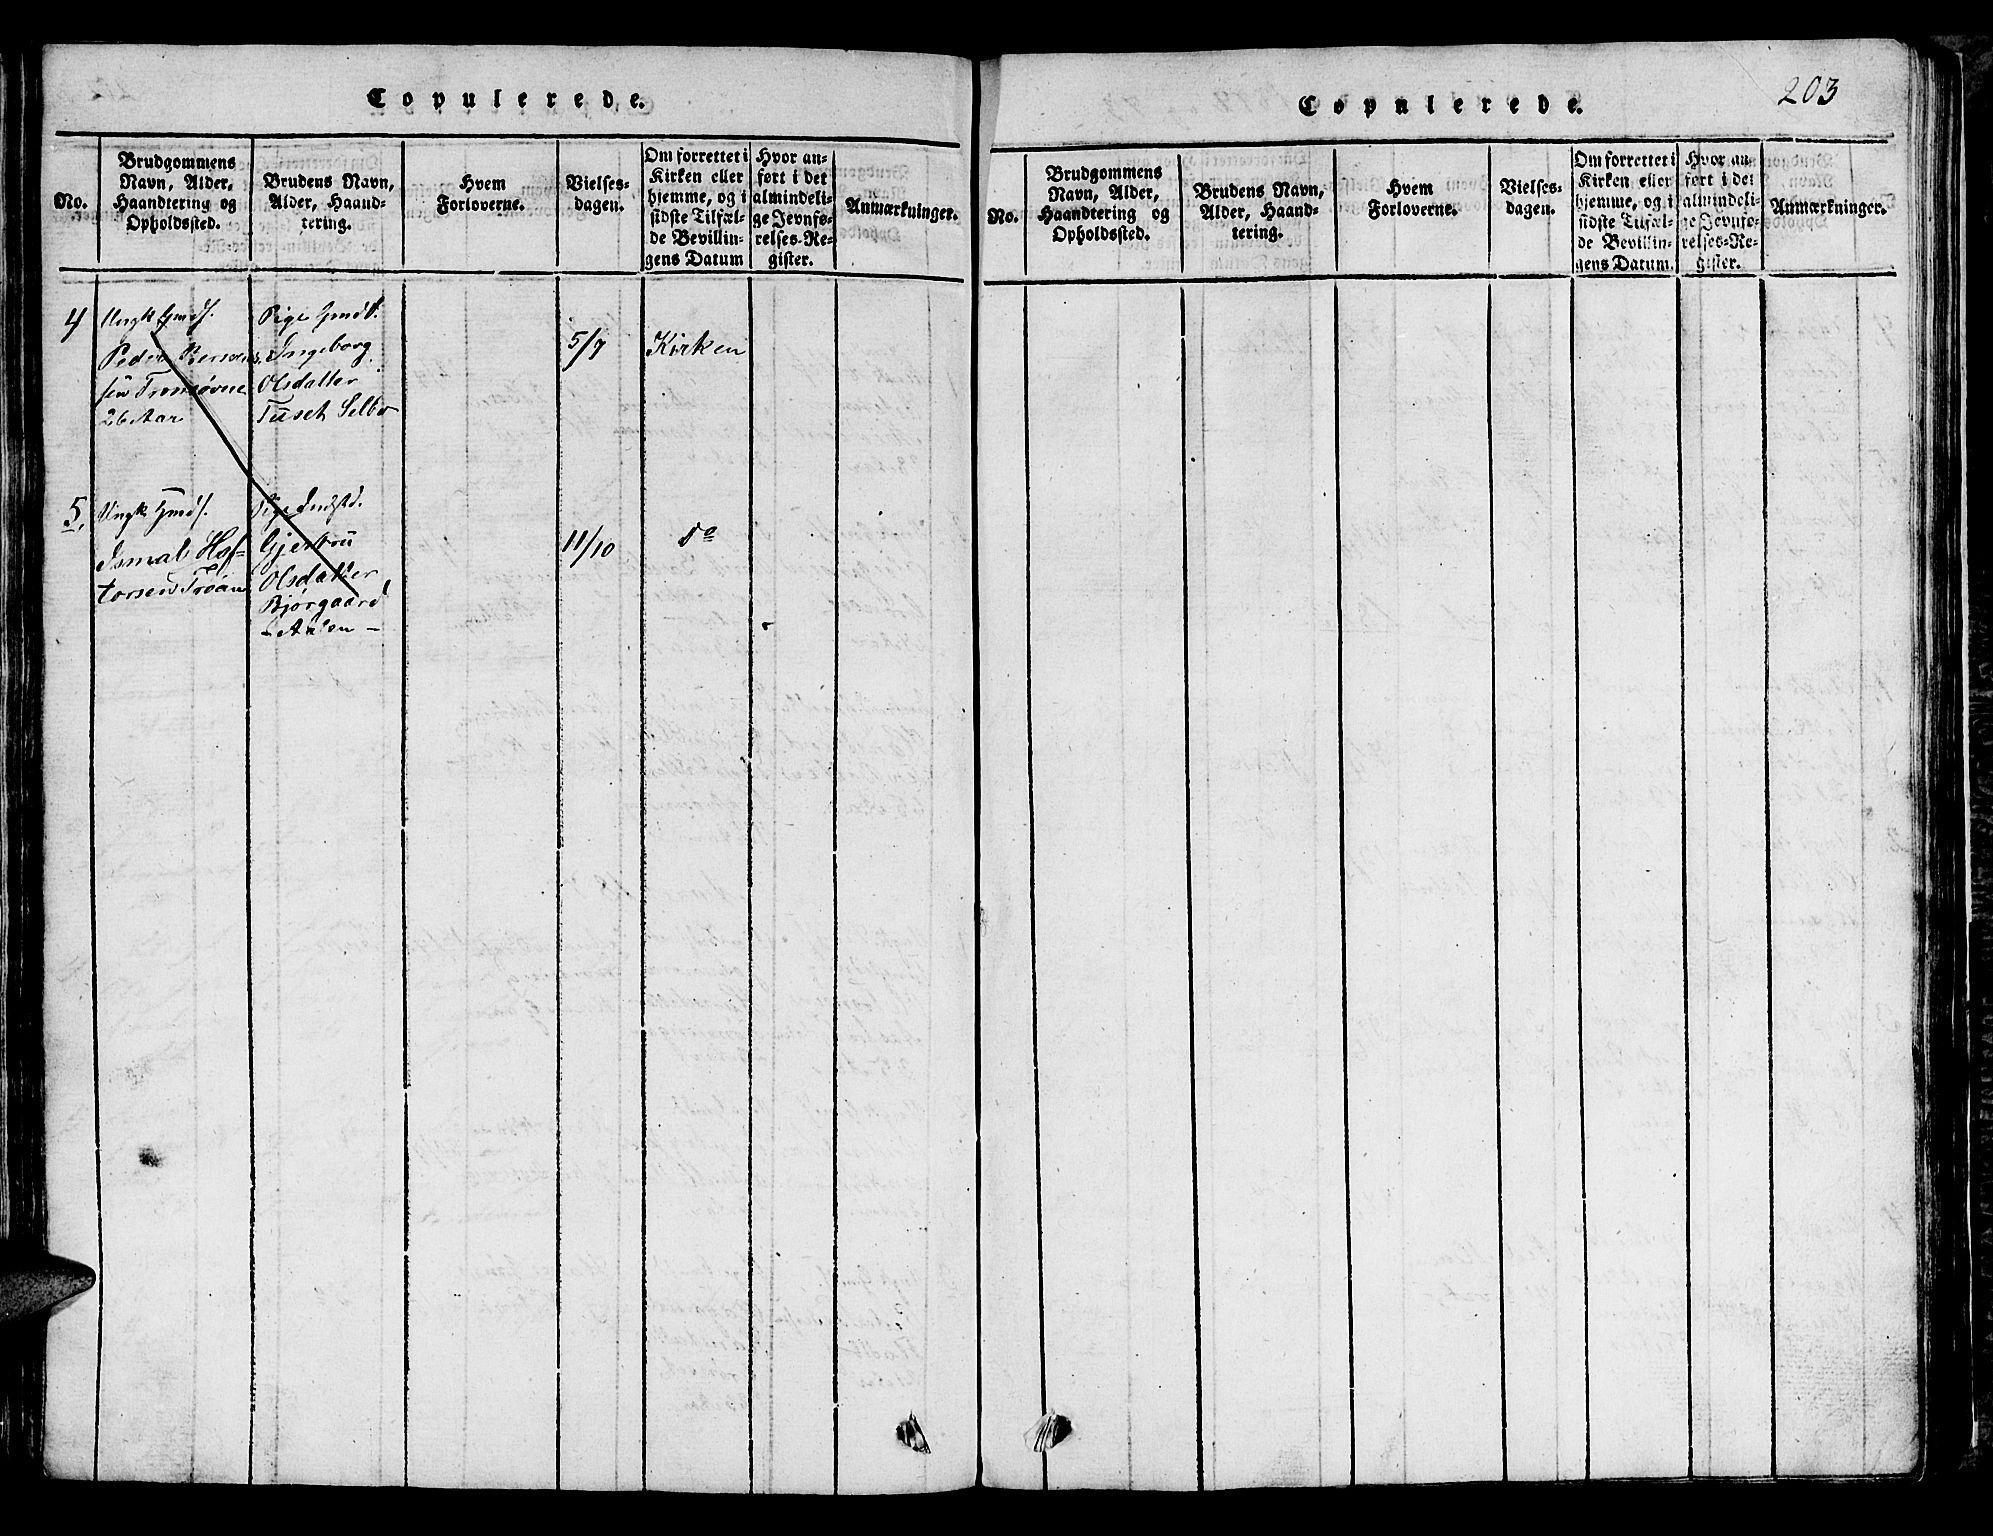 SAT, Ministerialprotokoller, klokkerbøker og fødselsregistre - Sør-Trøndelag, 685/L0976: Klokkerbok nr. 685C01, 1817-1878, s. 203